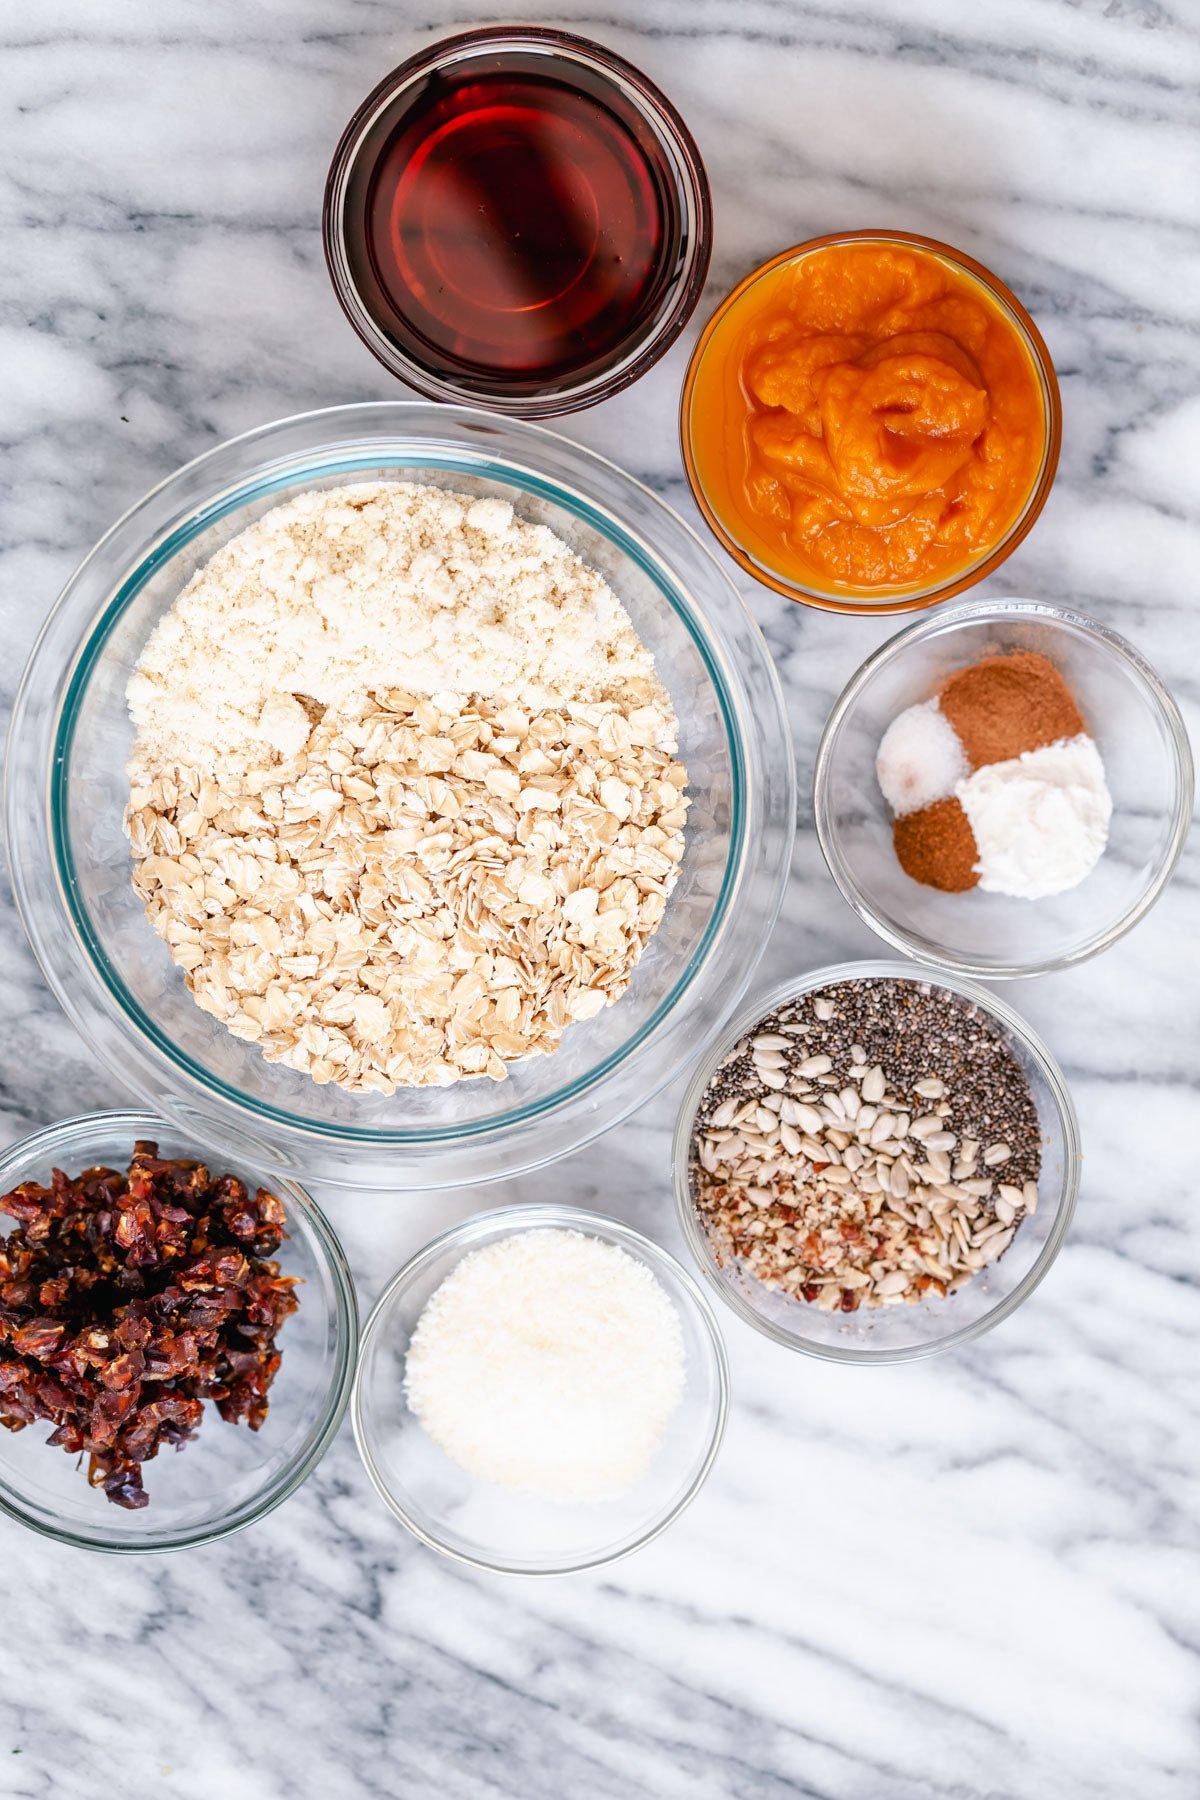 ingredients needed for making pumpkin breakfast cookies